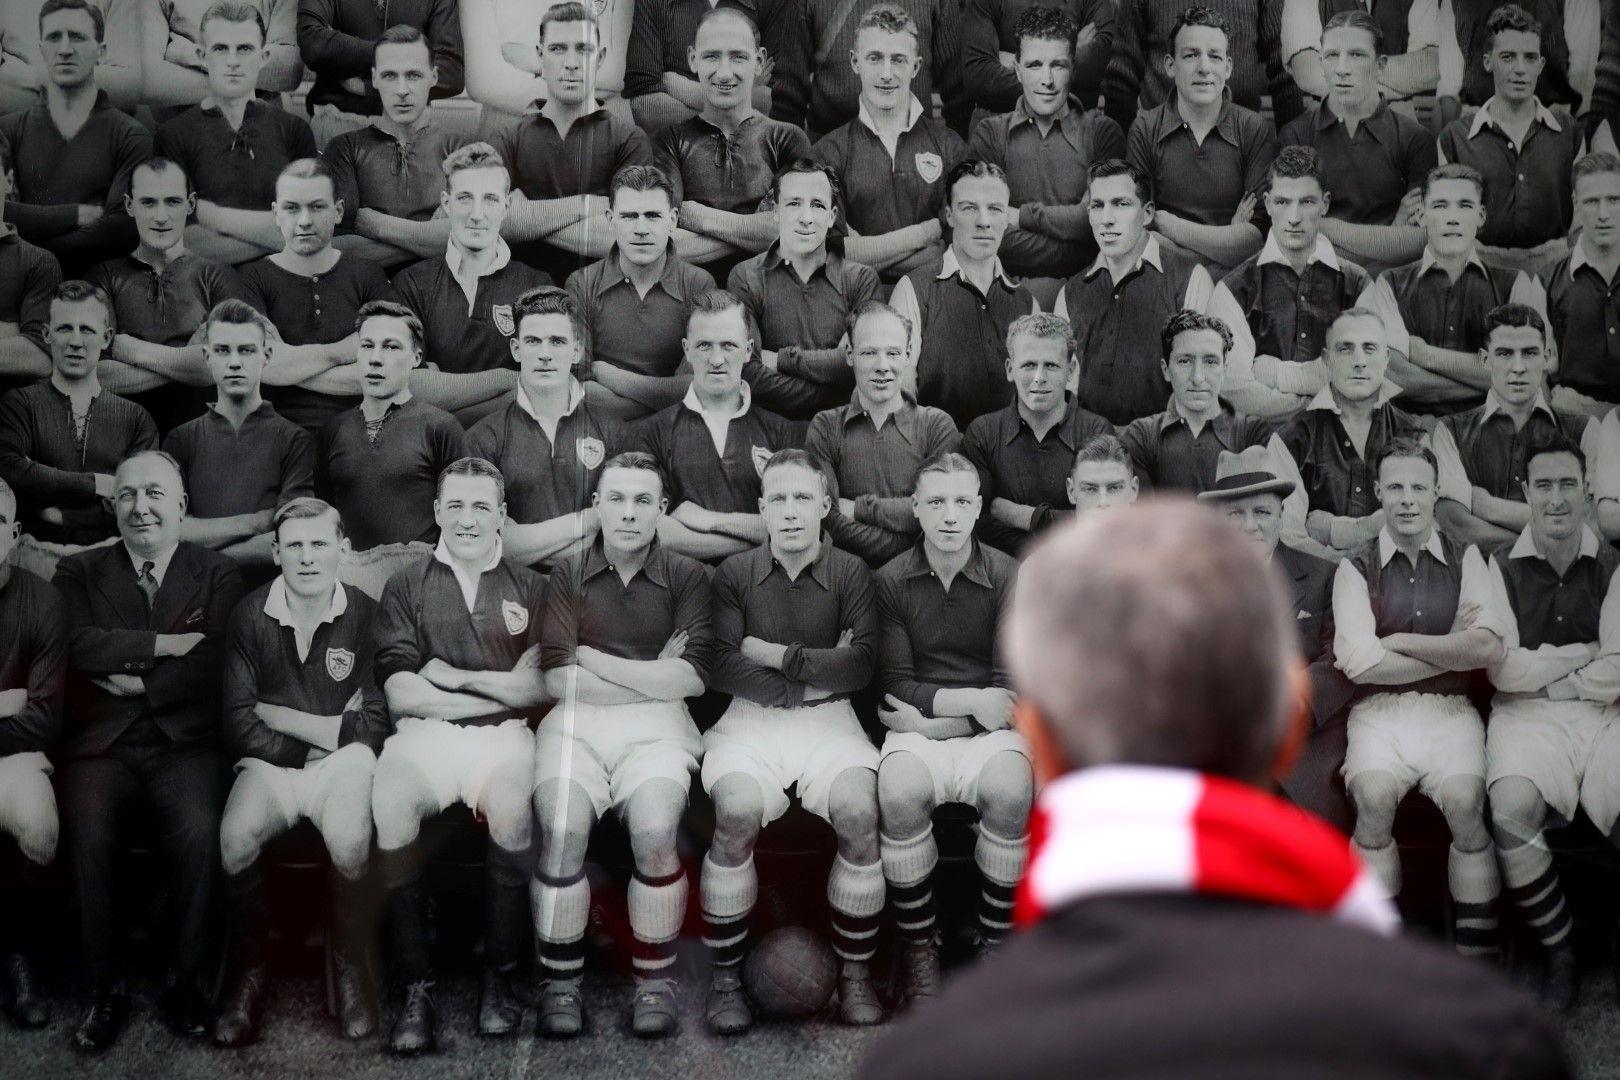 Всички са загрижени накъде отива клубът със славна история. Снимка: Getty Images